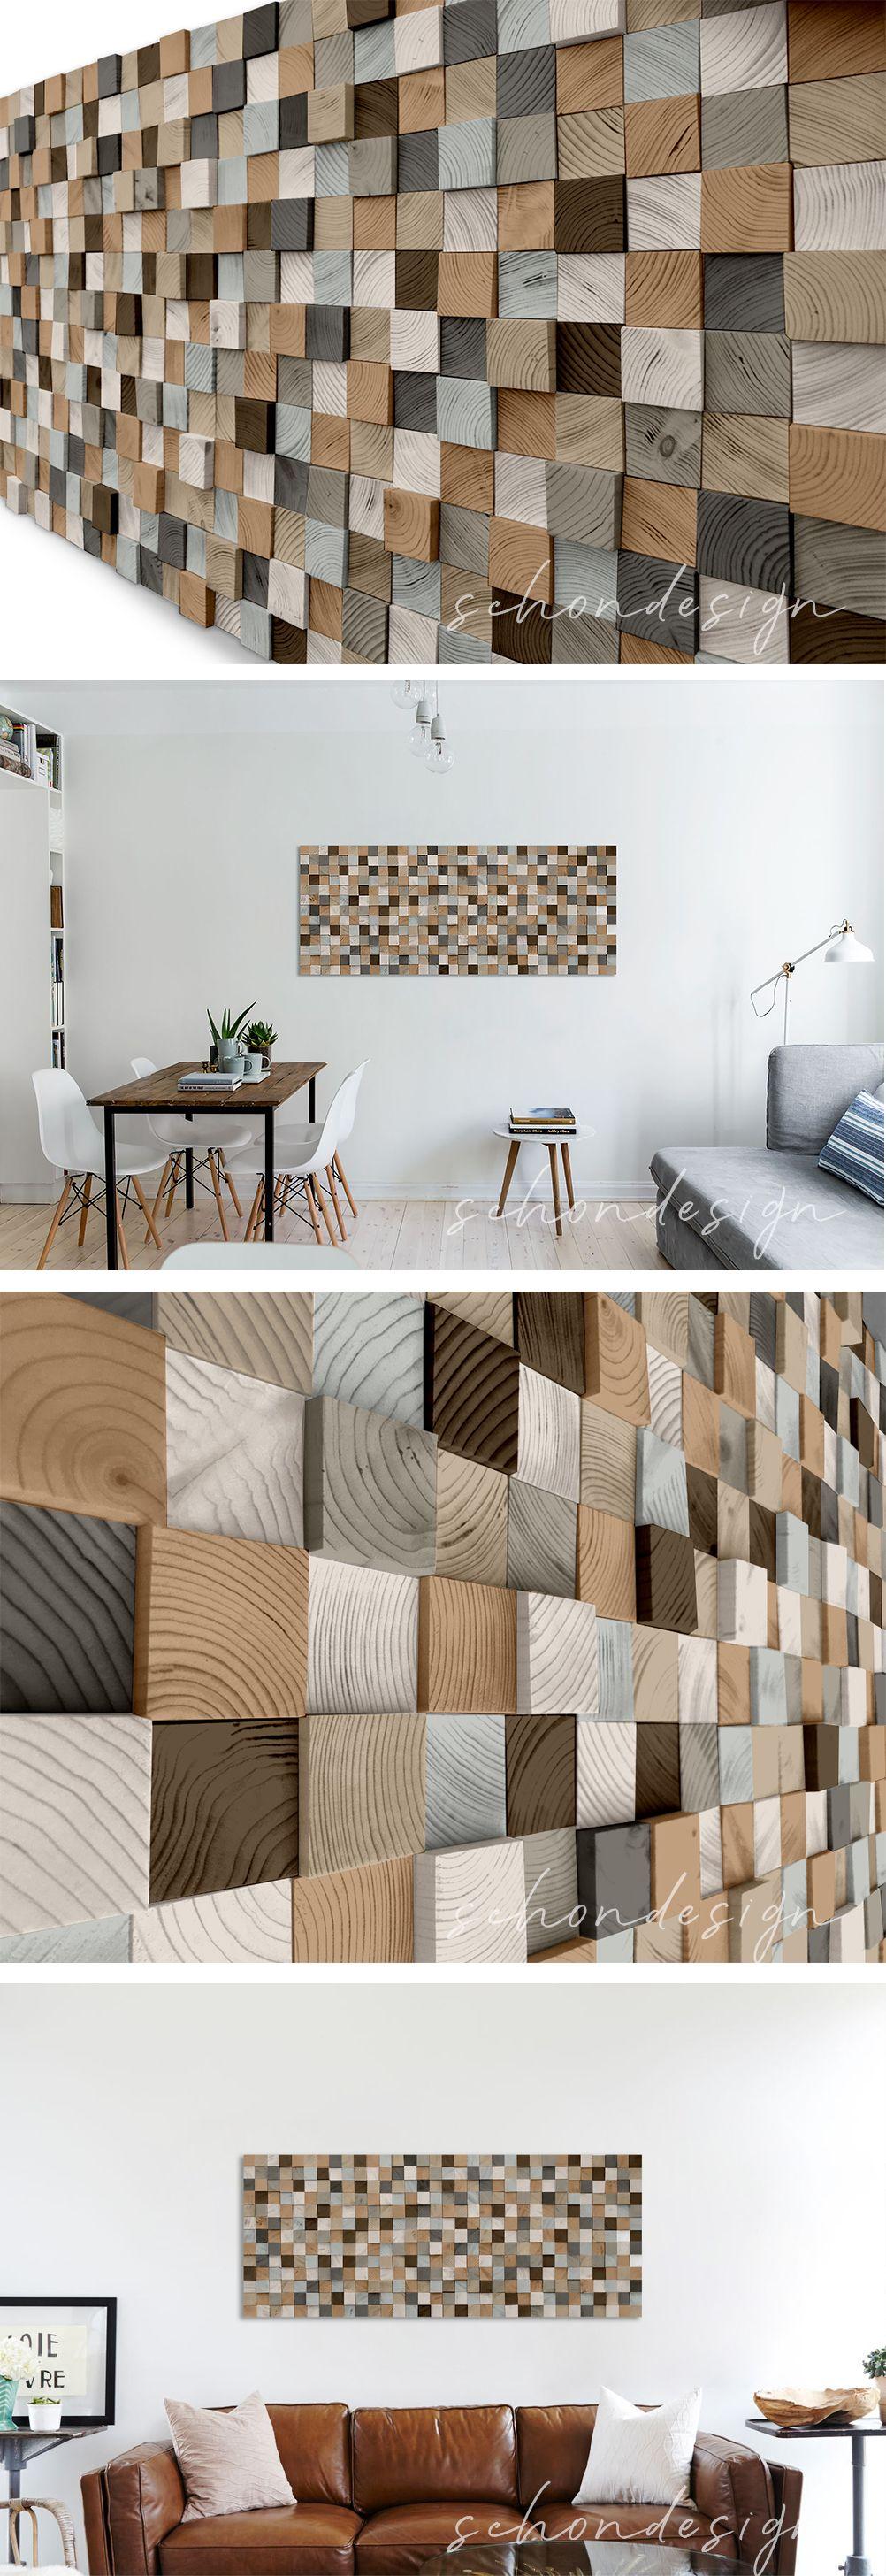 Scandinavian Wood Wall Art Nature Modern Wood Wall Etsy In 2020 Wood Wall Sculpture Wood Wall Wood Wall Art